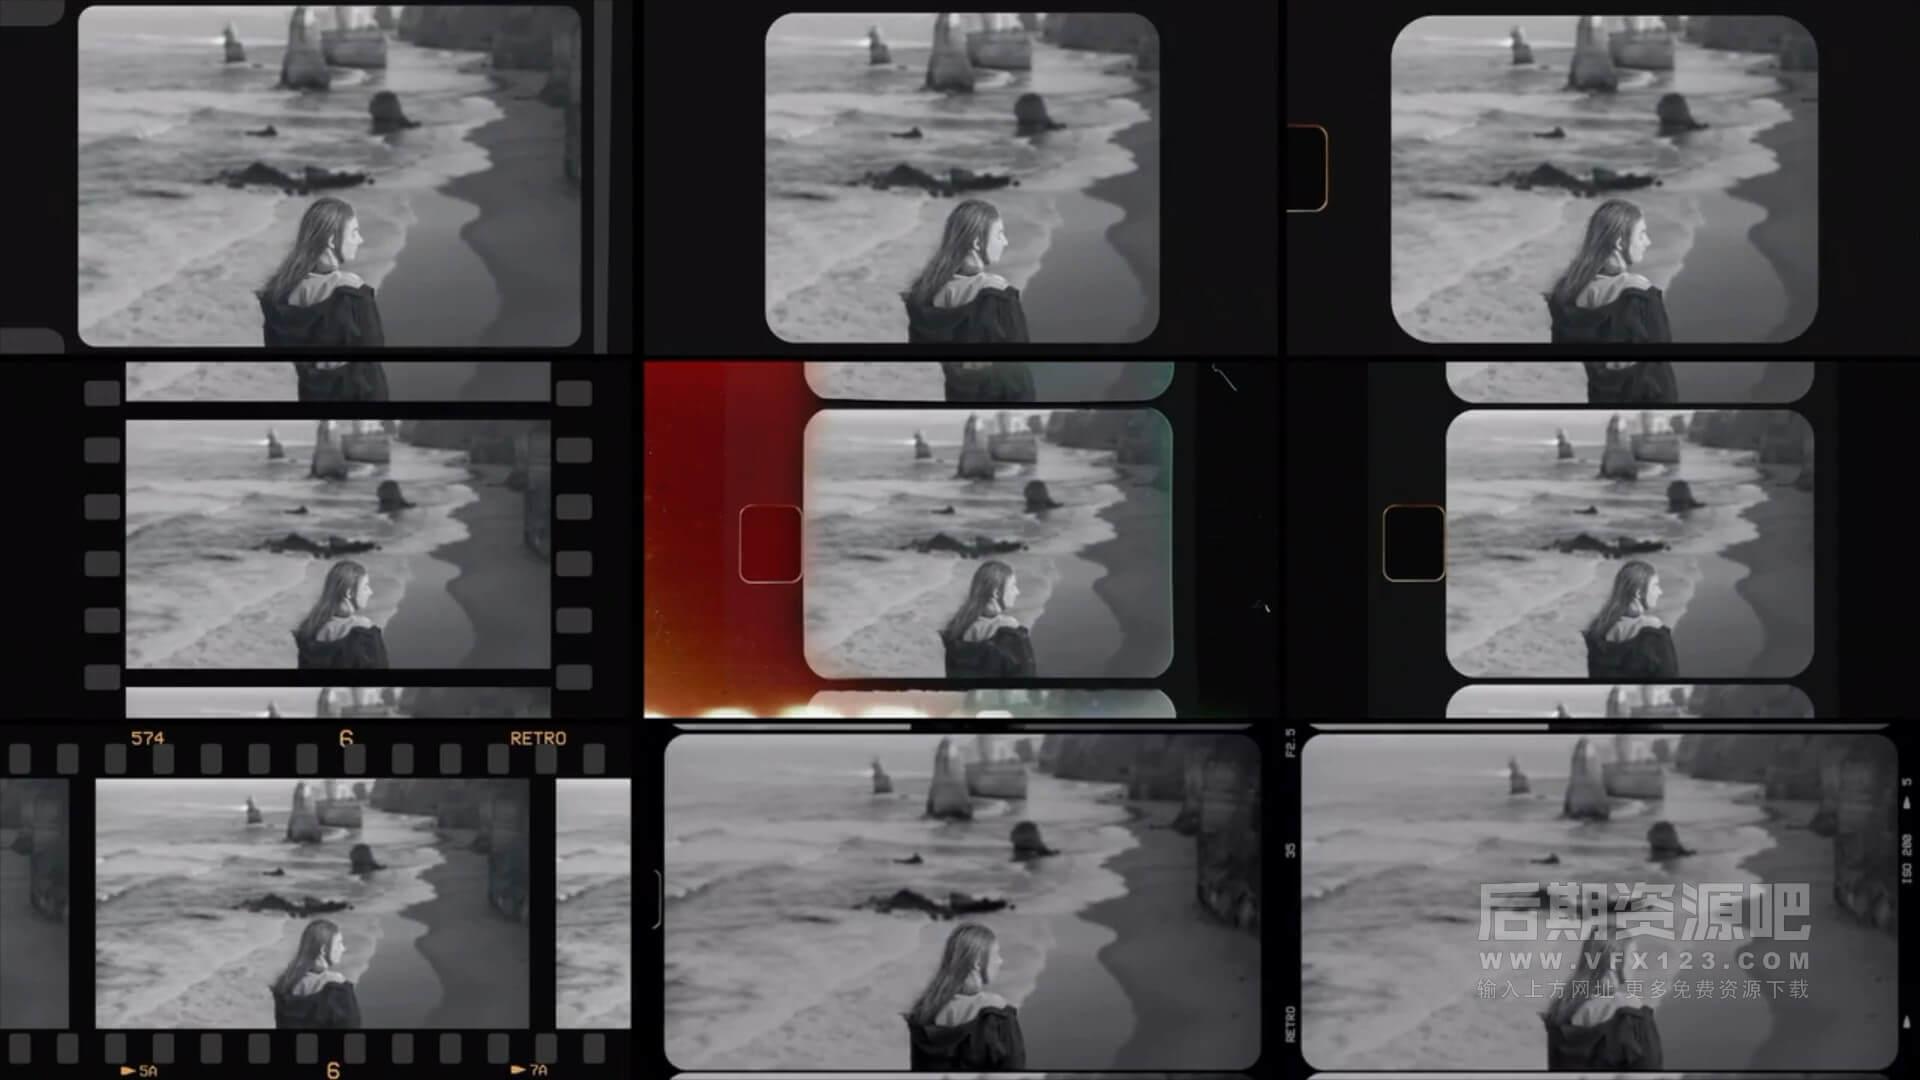 fcpx插件 46个复古风格老胶片效果+叠加素材+调色预设 Film Look